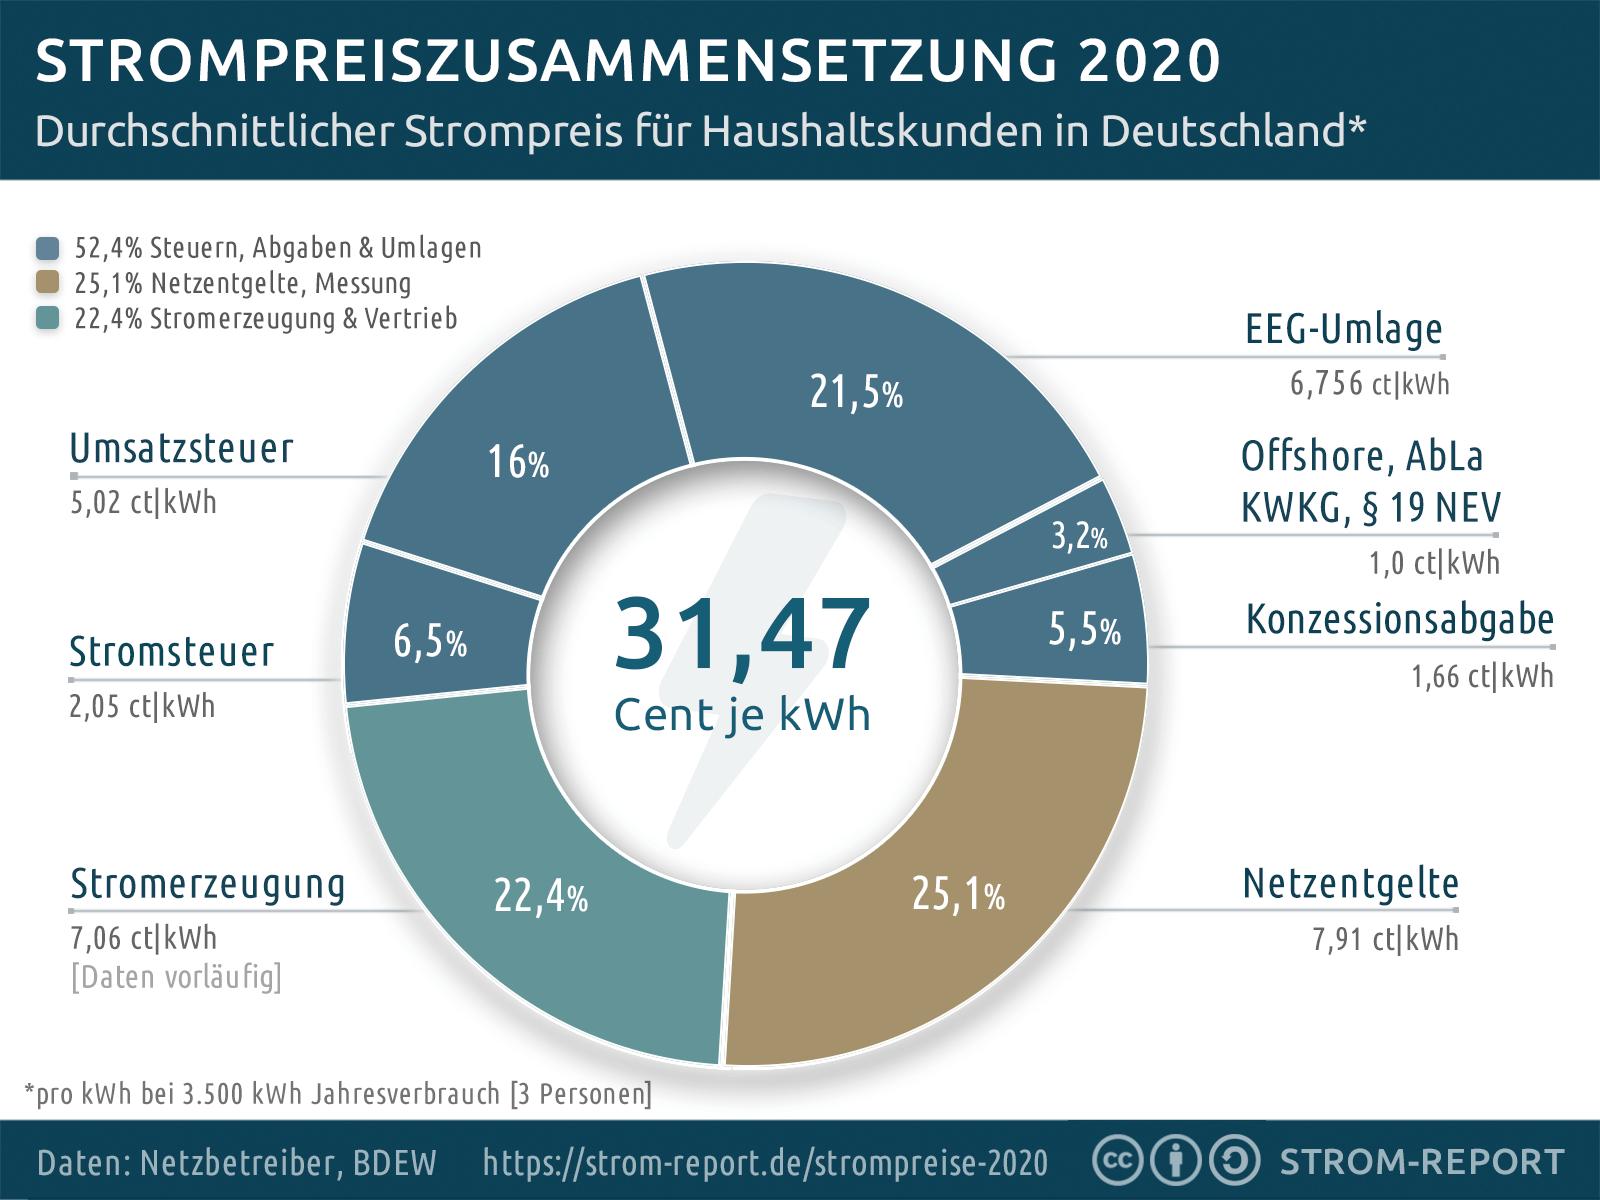 Strompreiszusammensetzung 2020